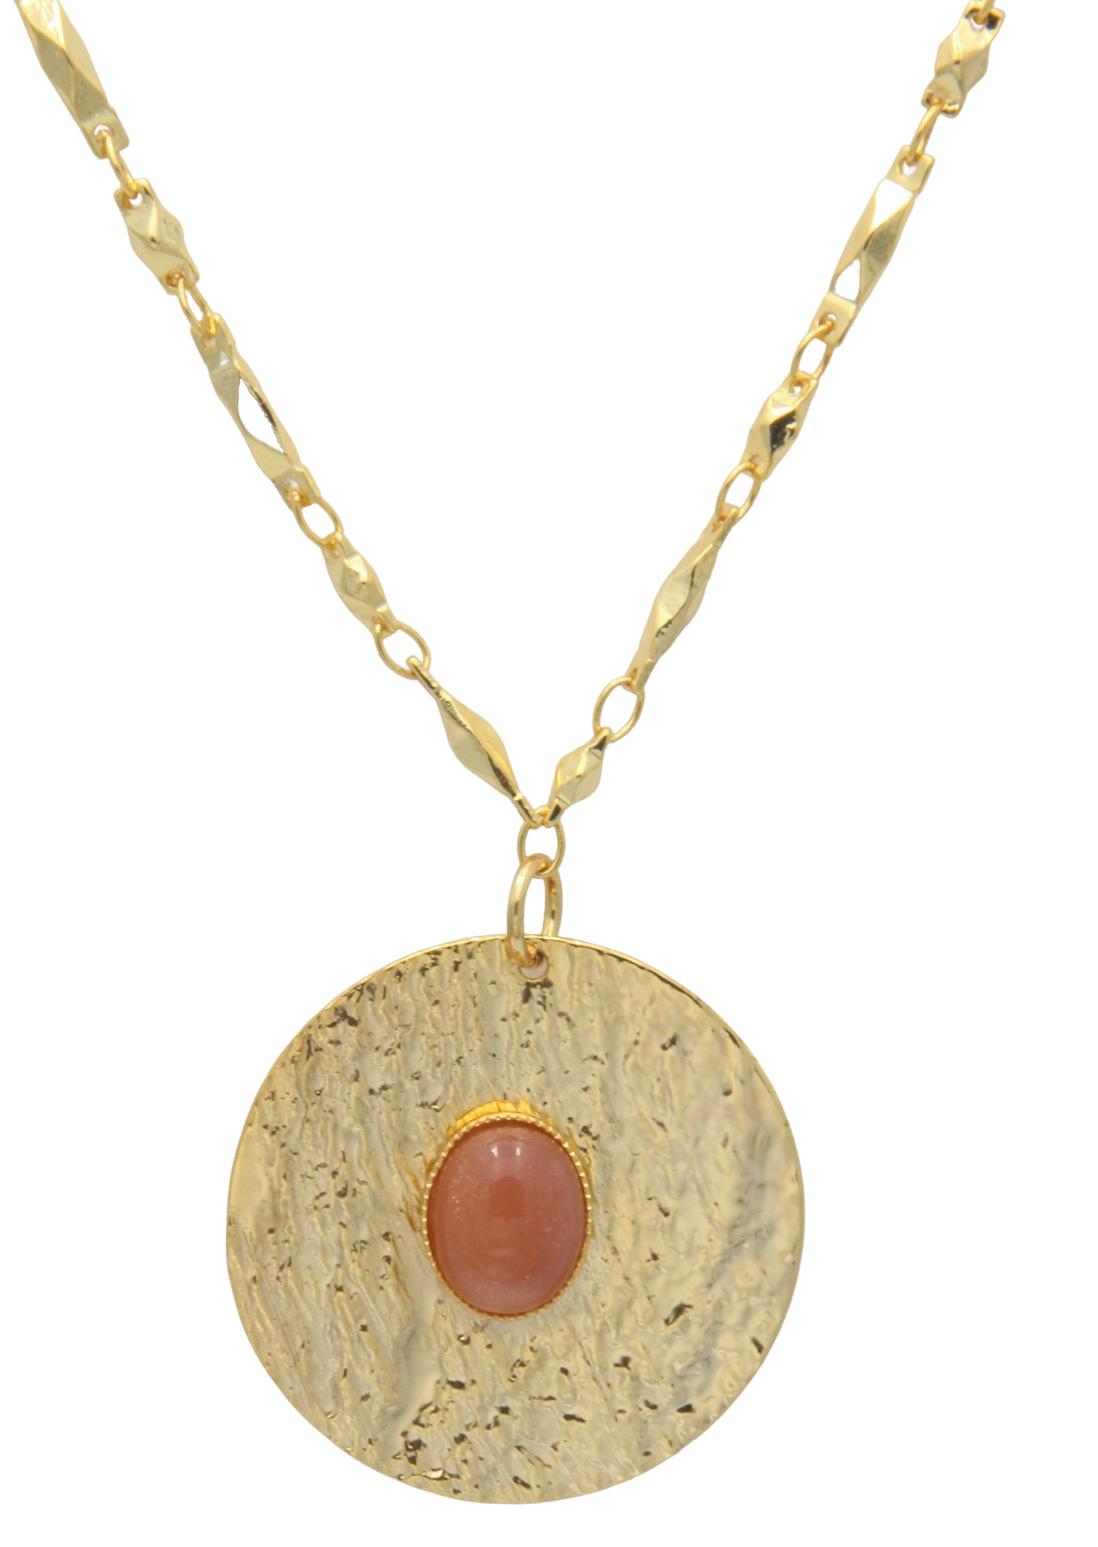 collier femme original pendentif pierre de soleil or fin leonie et france min